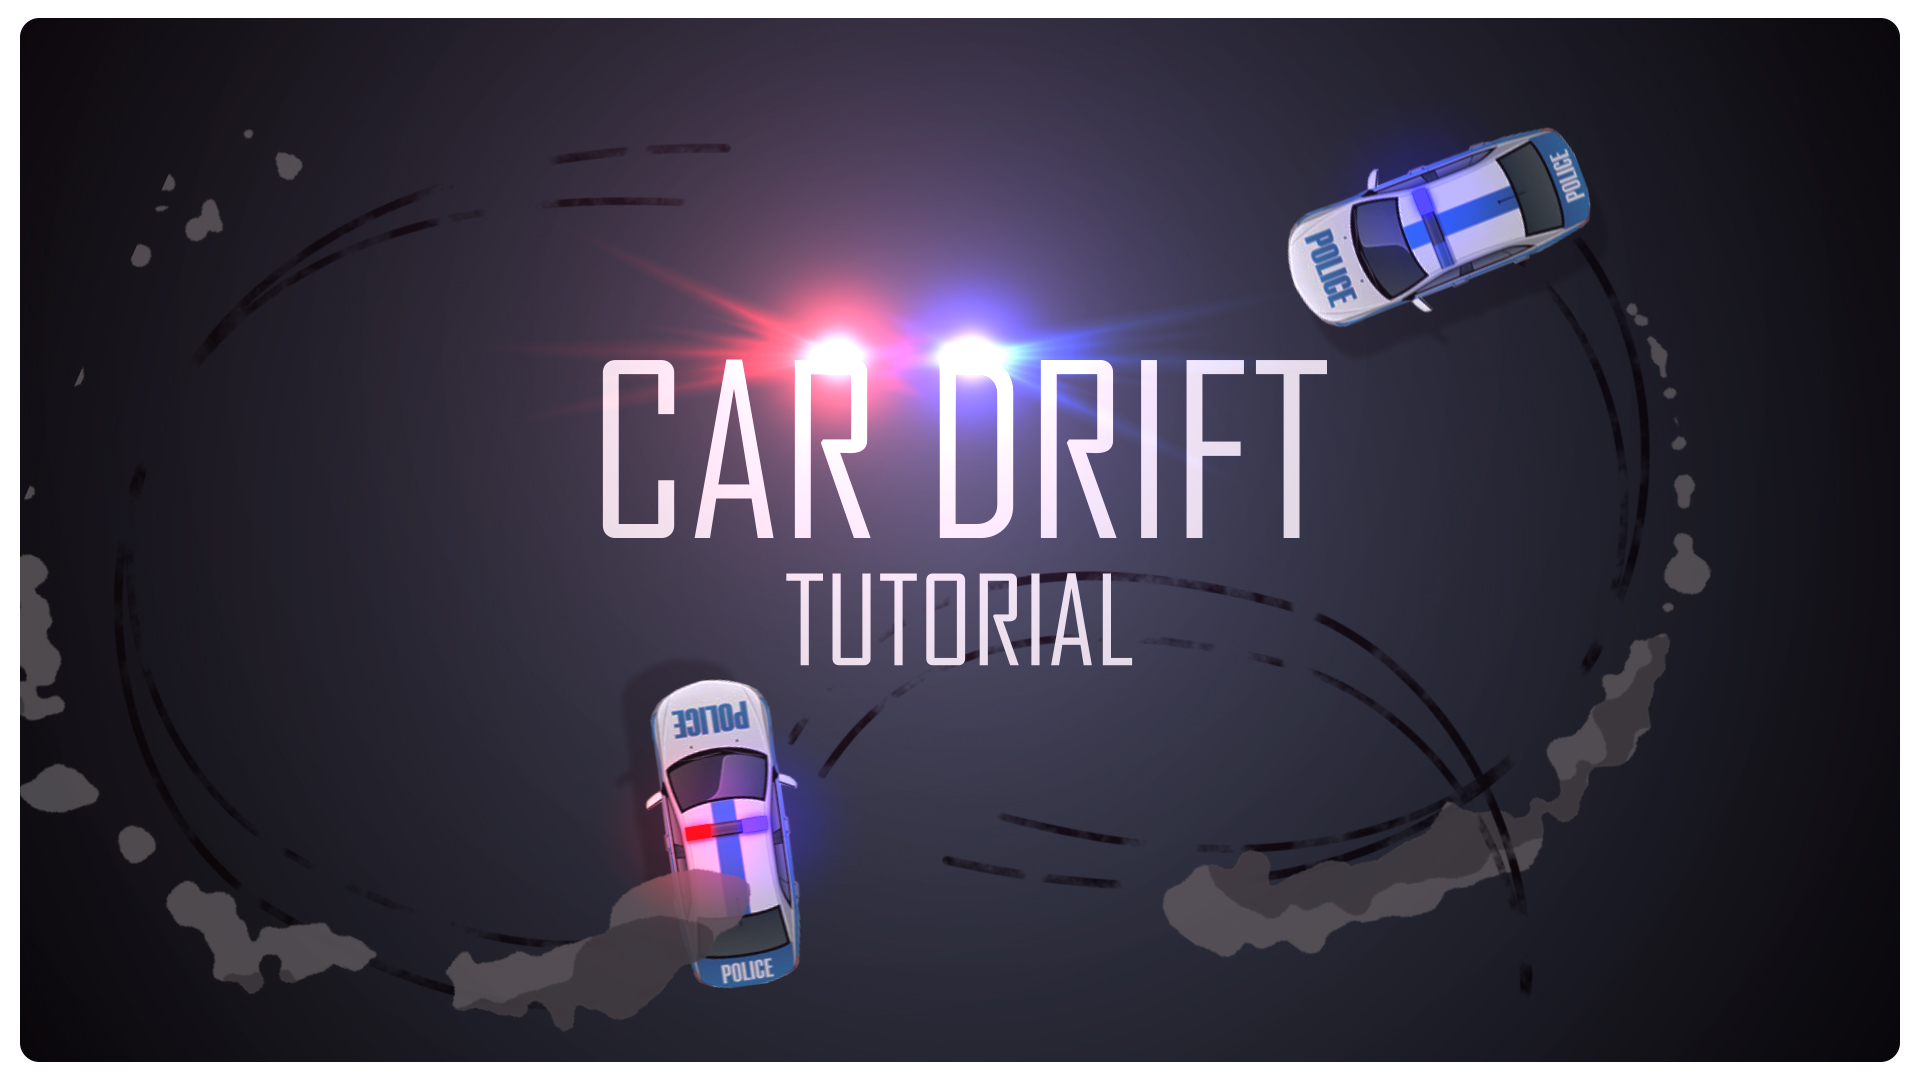 Car Drift After Effects tutorial